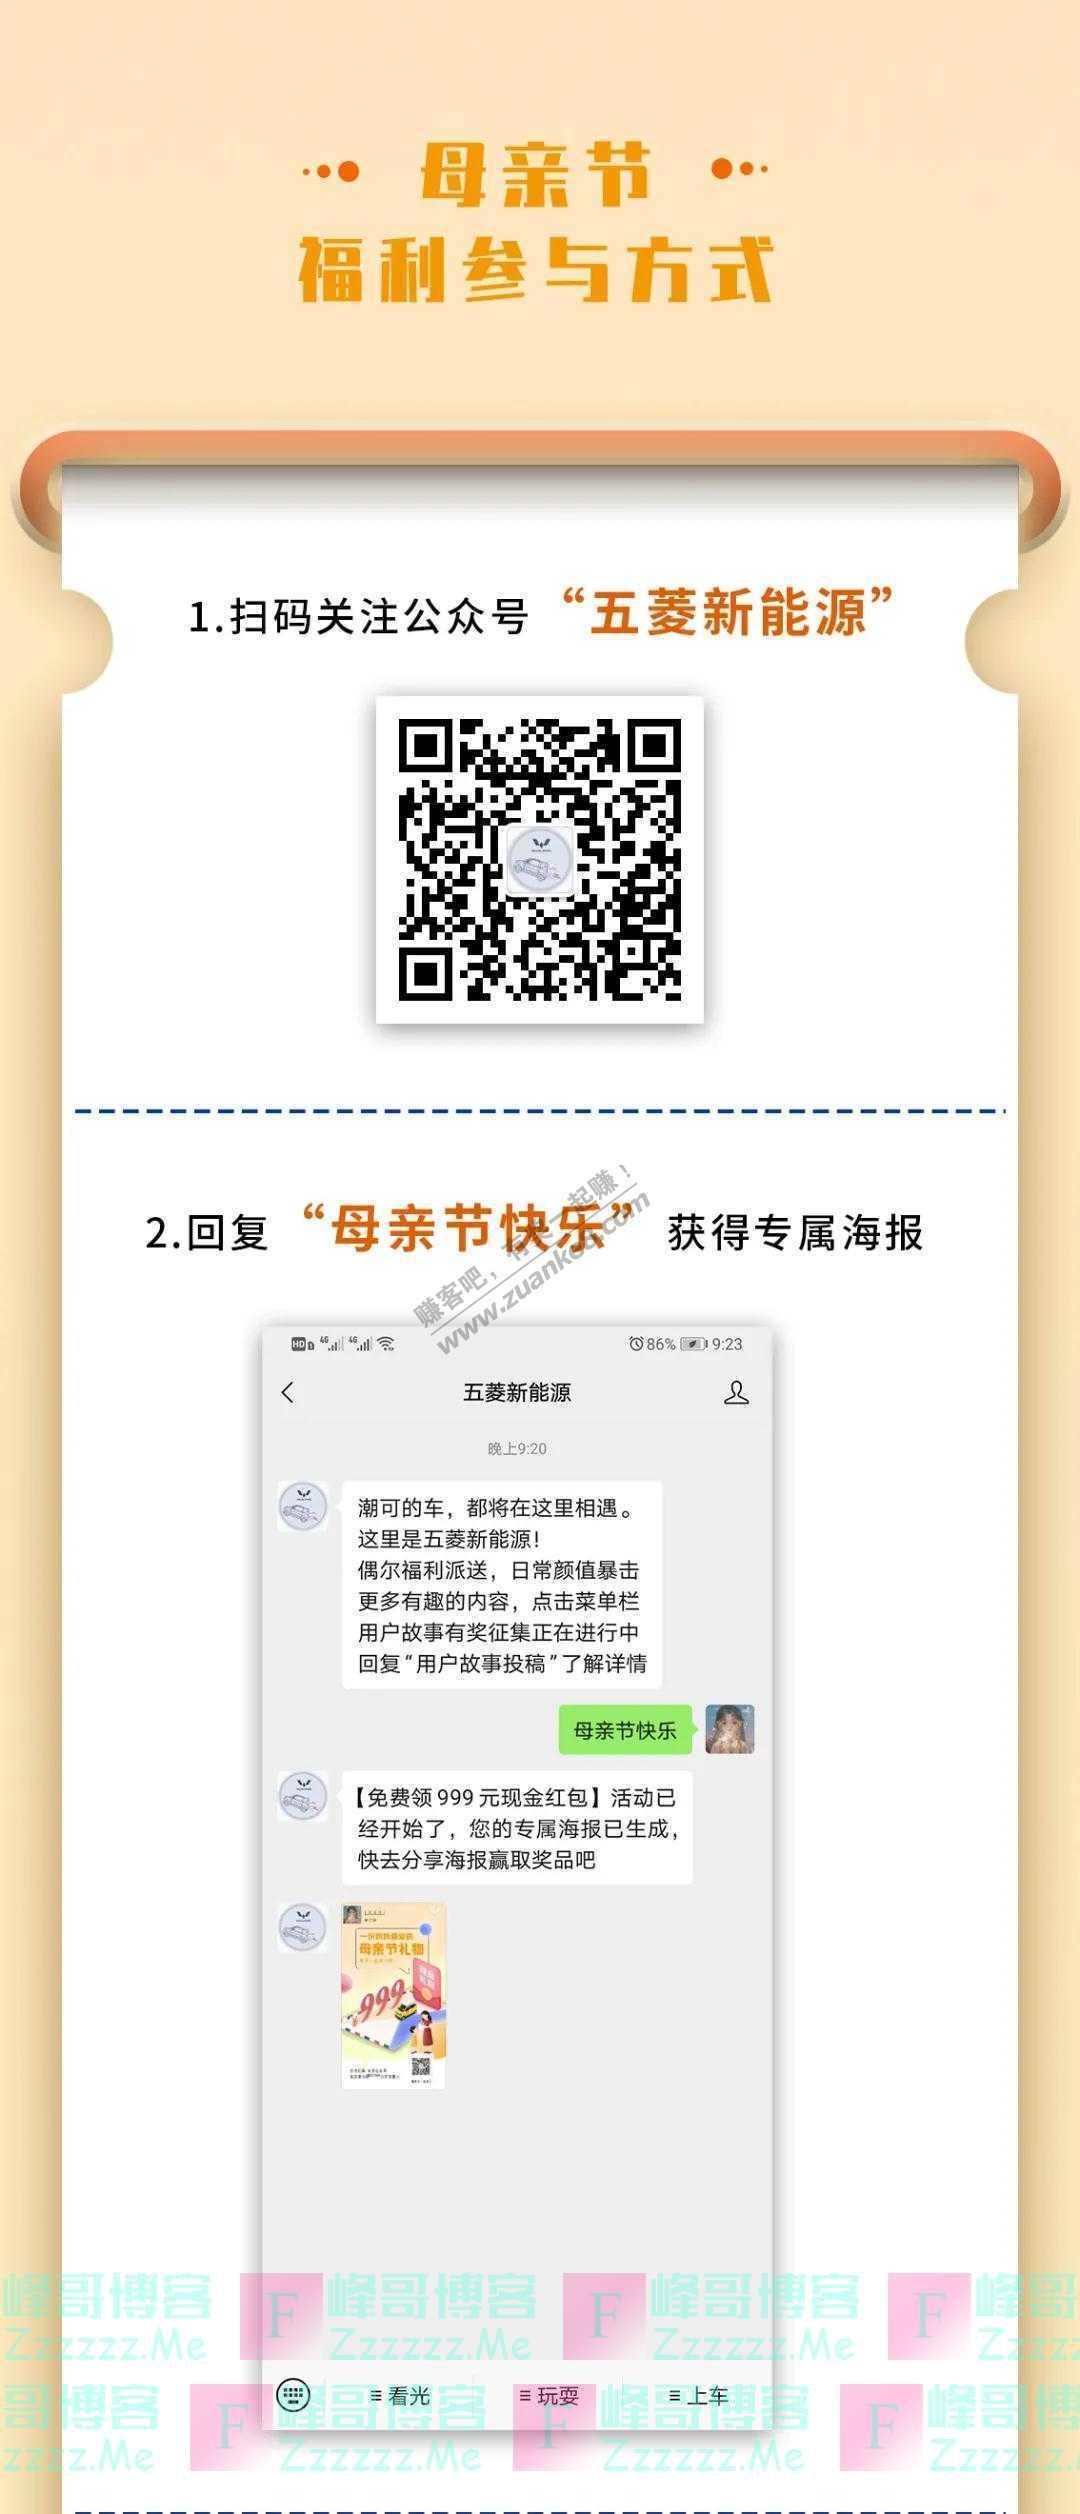 五菱汽车999元现金母亲节好礼(截止5月15日)